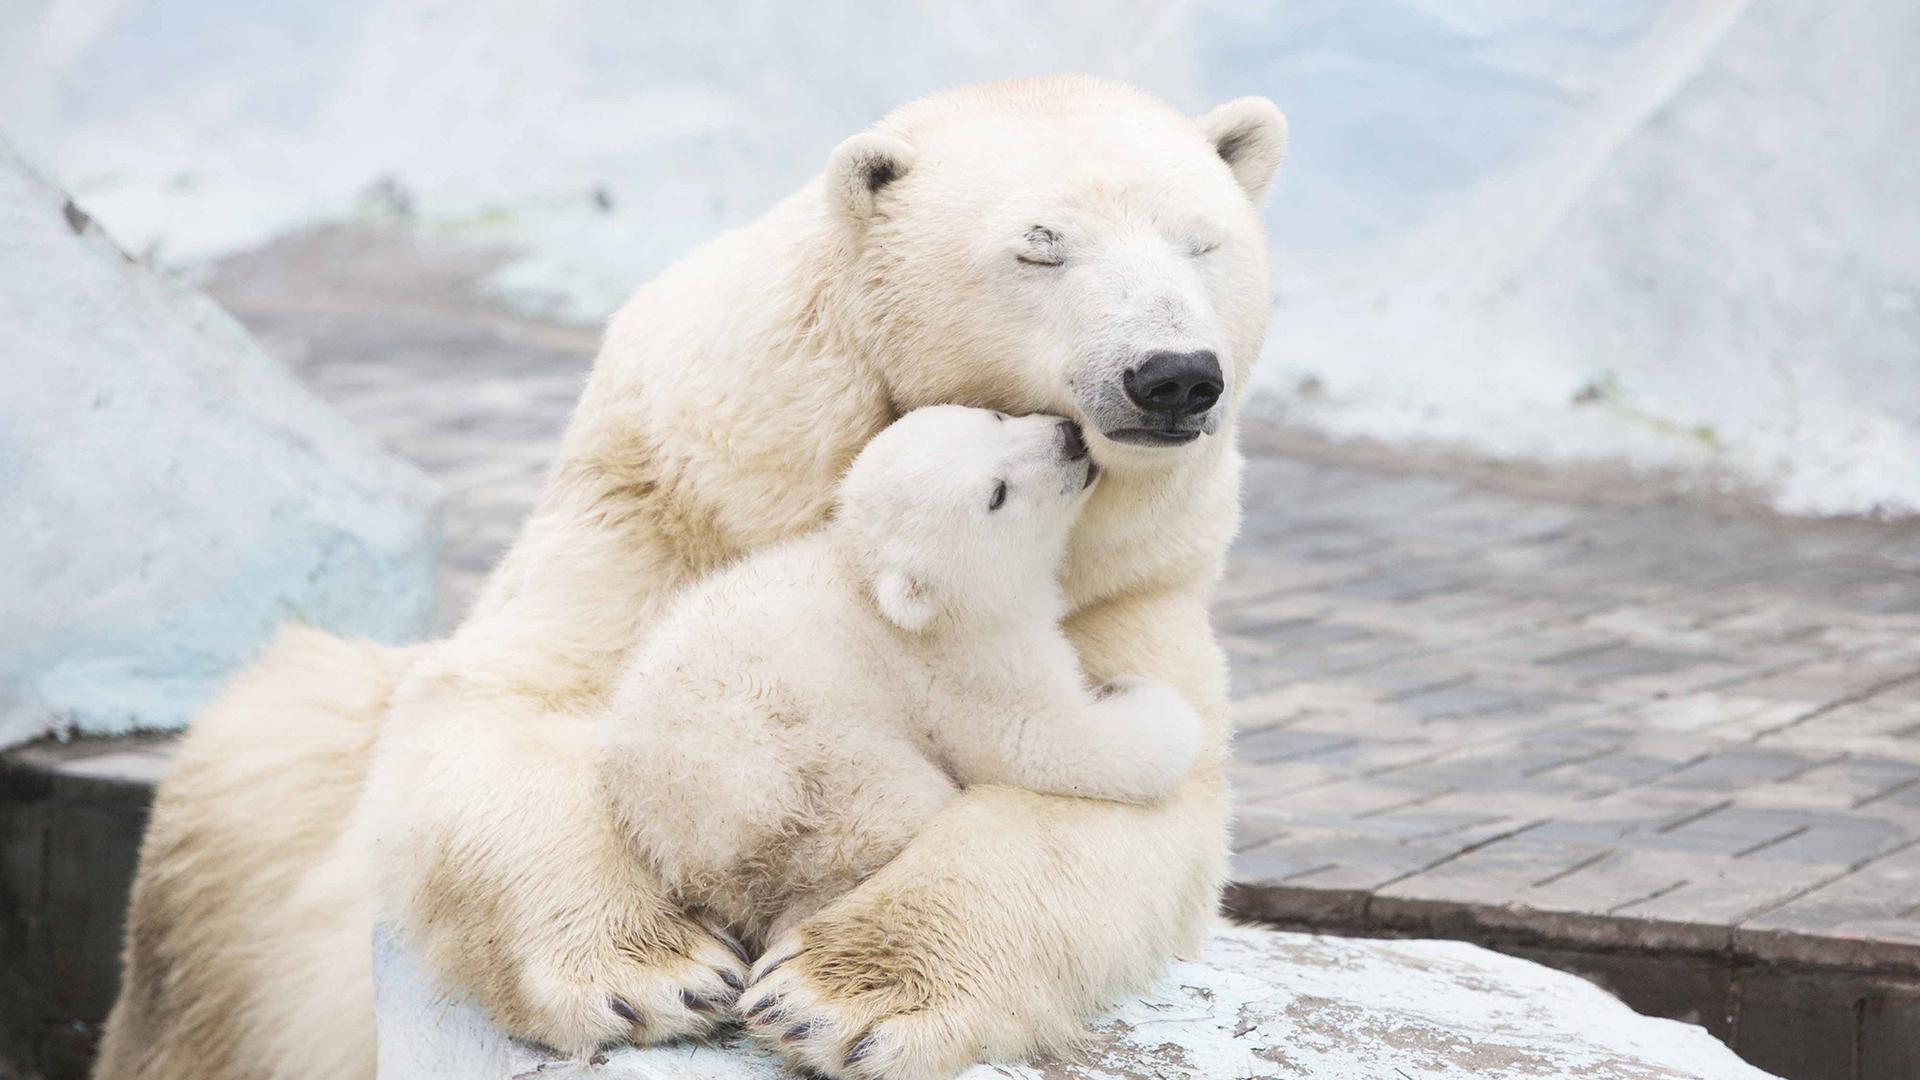 Численность белых медведей находится в устойчивом состоянии